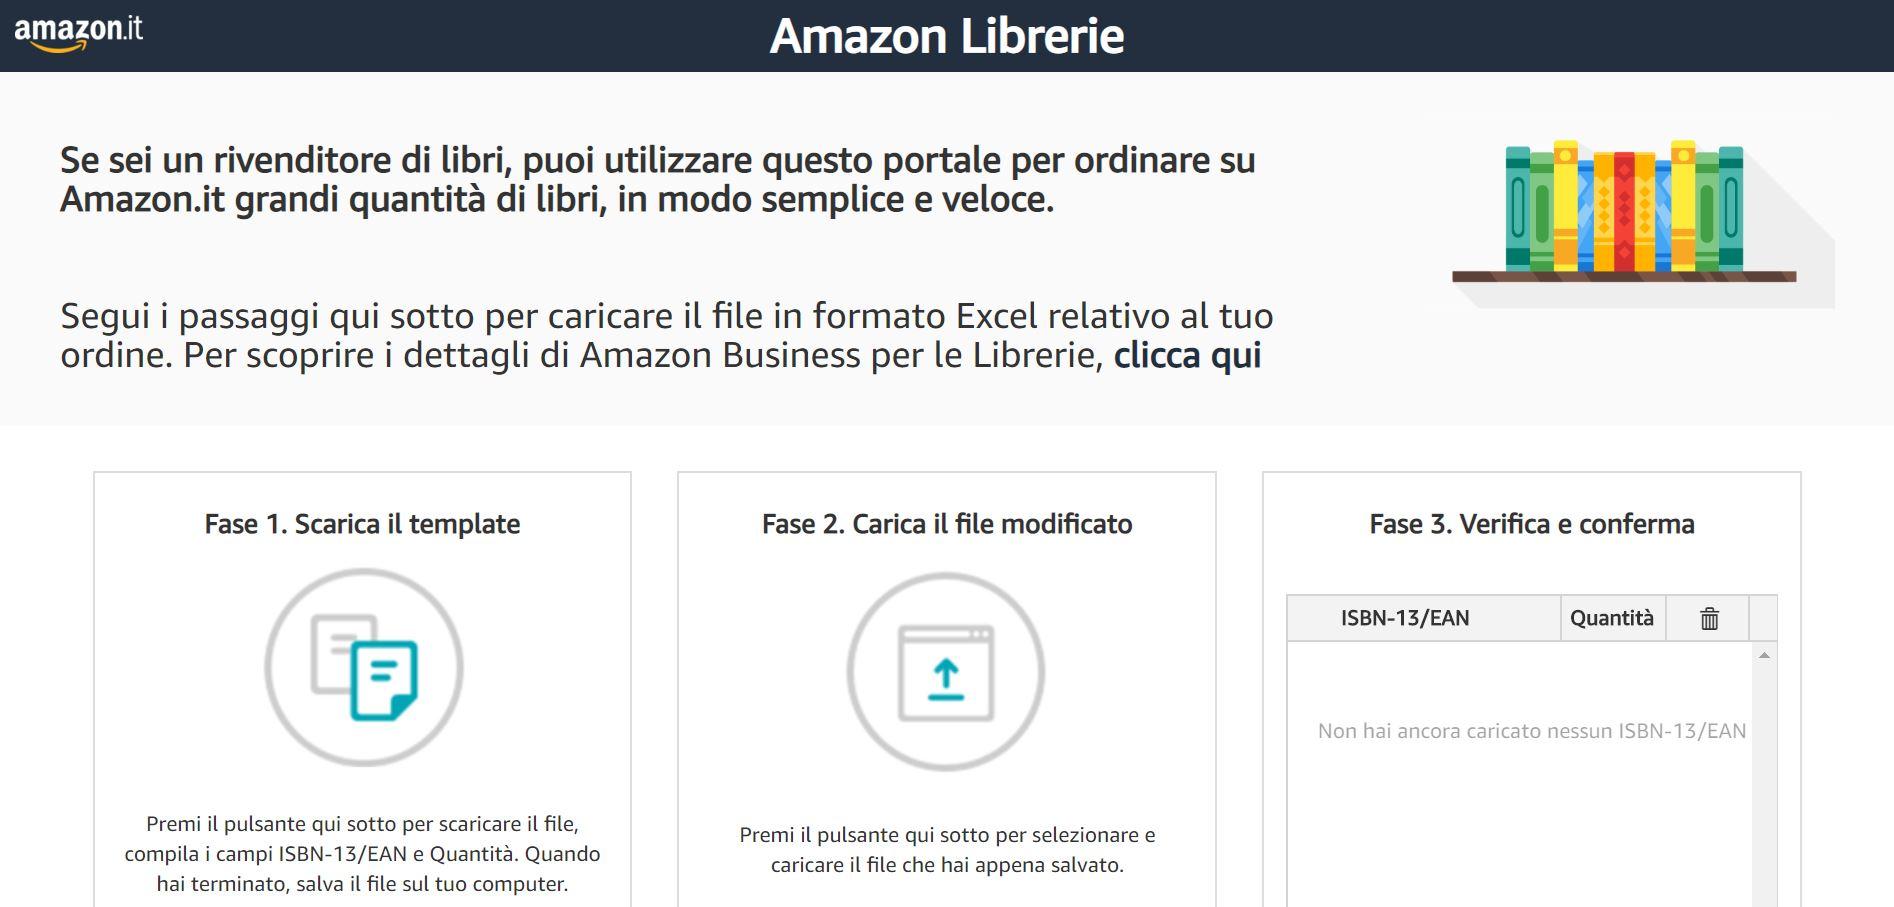 Nuovo Amazon Business per le Librerie